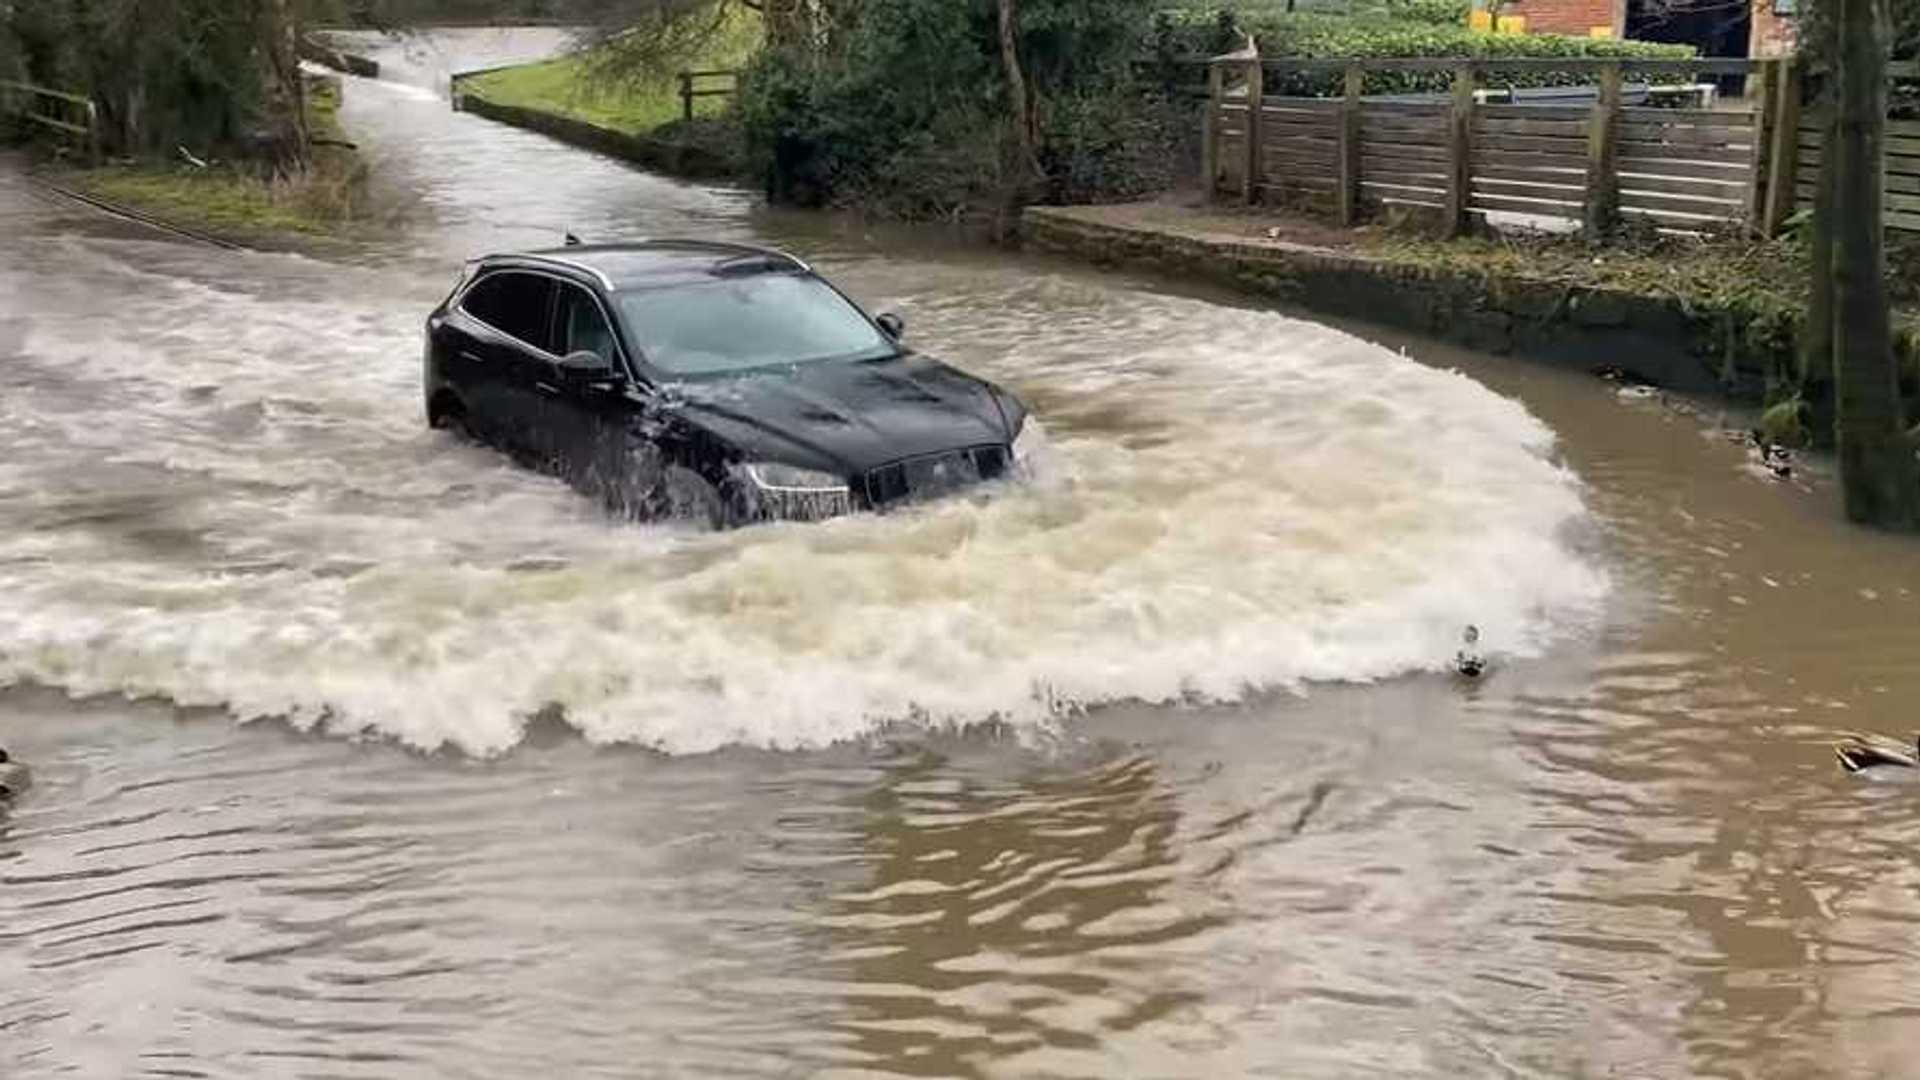 Посмотрите, как Jaguar F-Pace Driver необъяснимо борется с водой в спешке